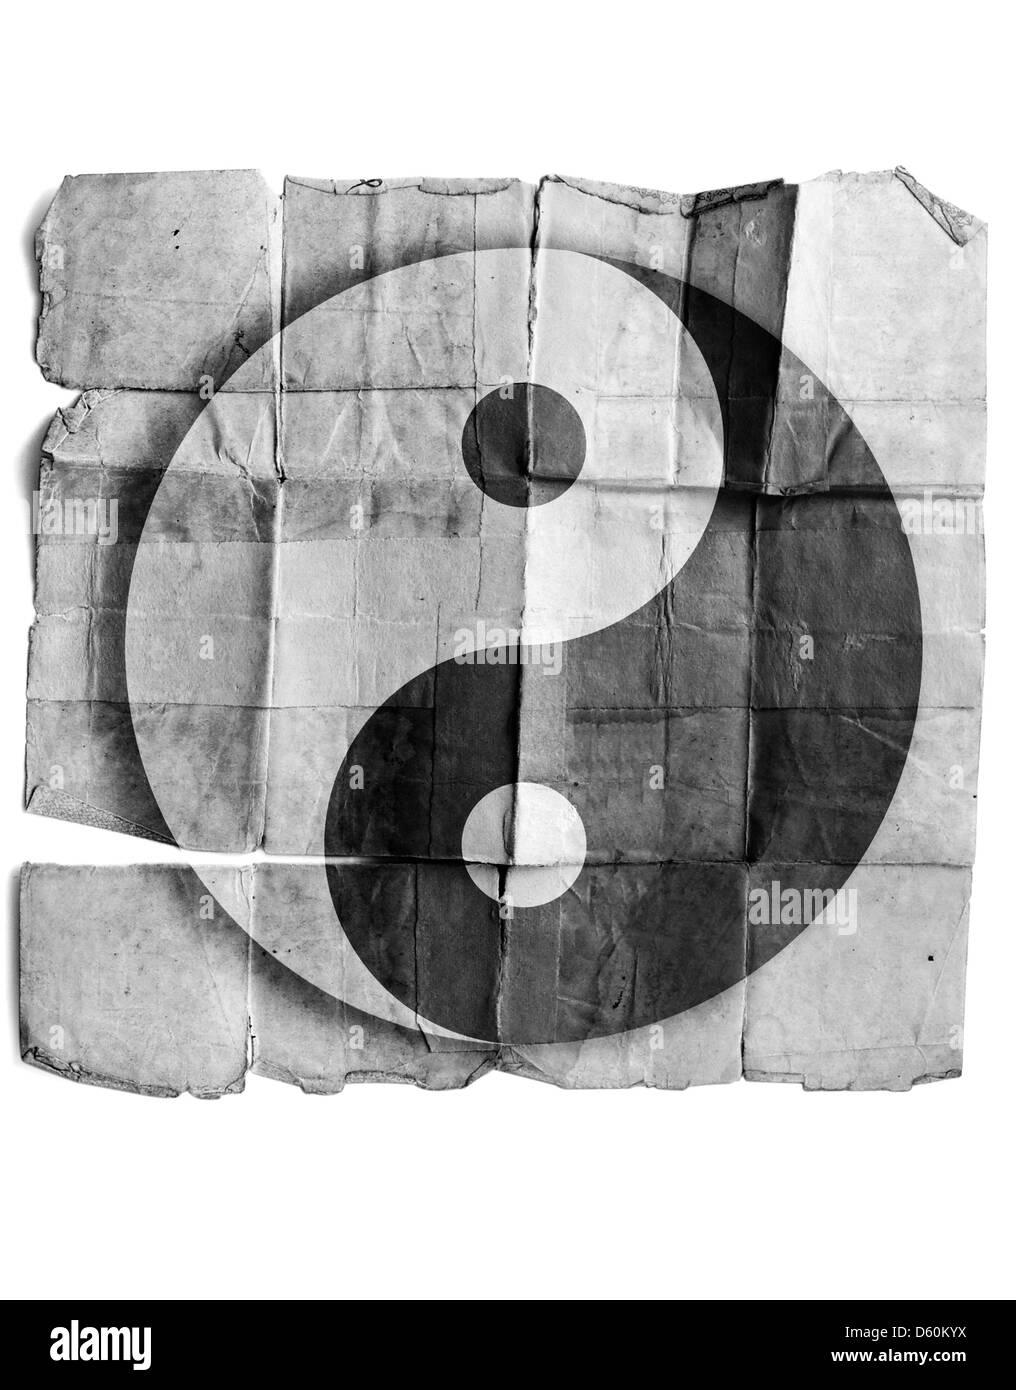 Ying yang simbolo Immagini Stock